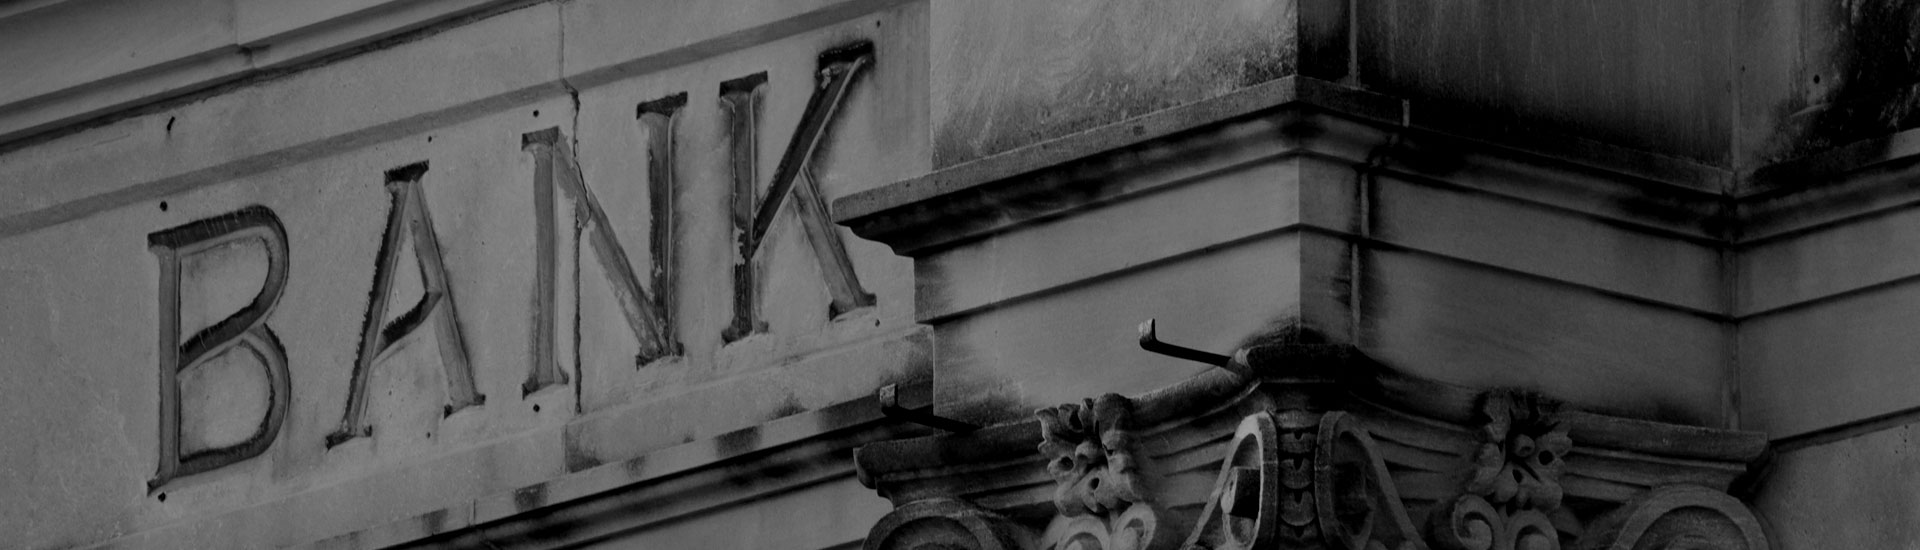 assistenza-legale-diritto-bancario